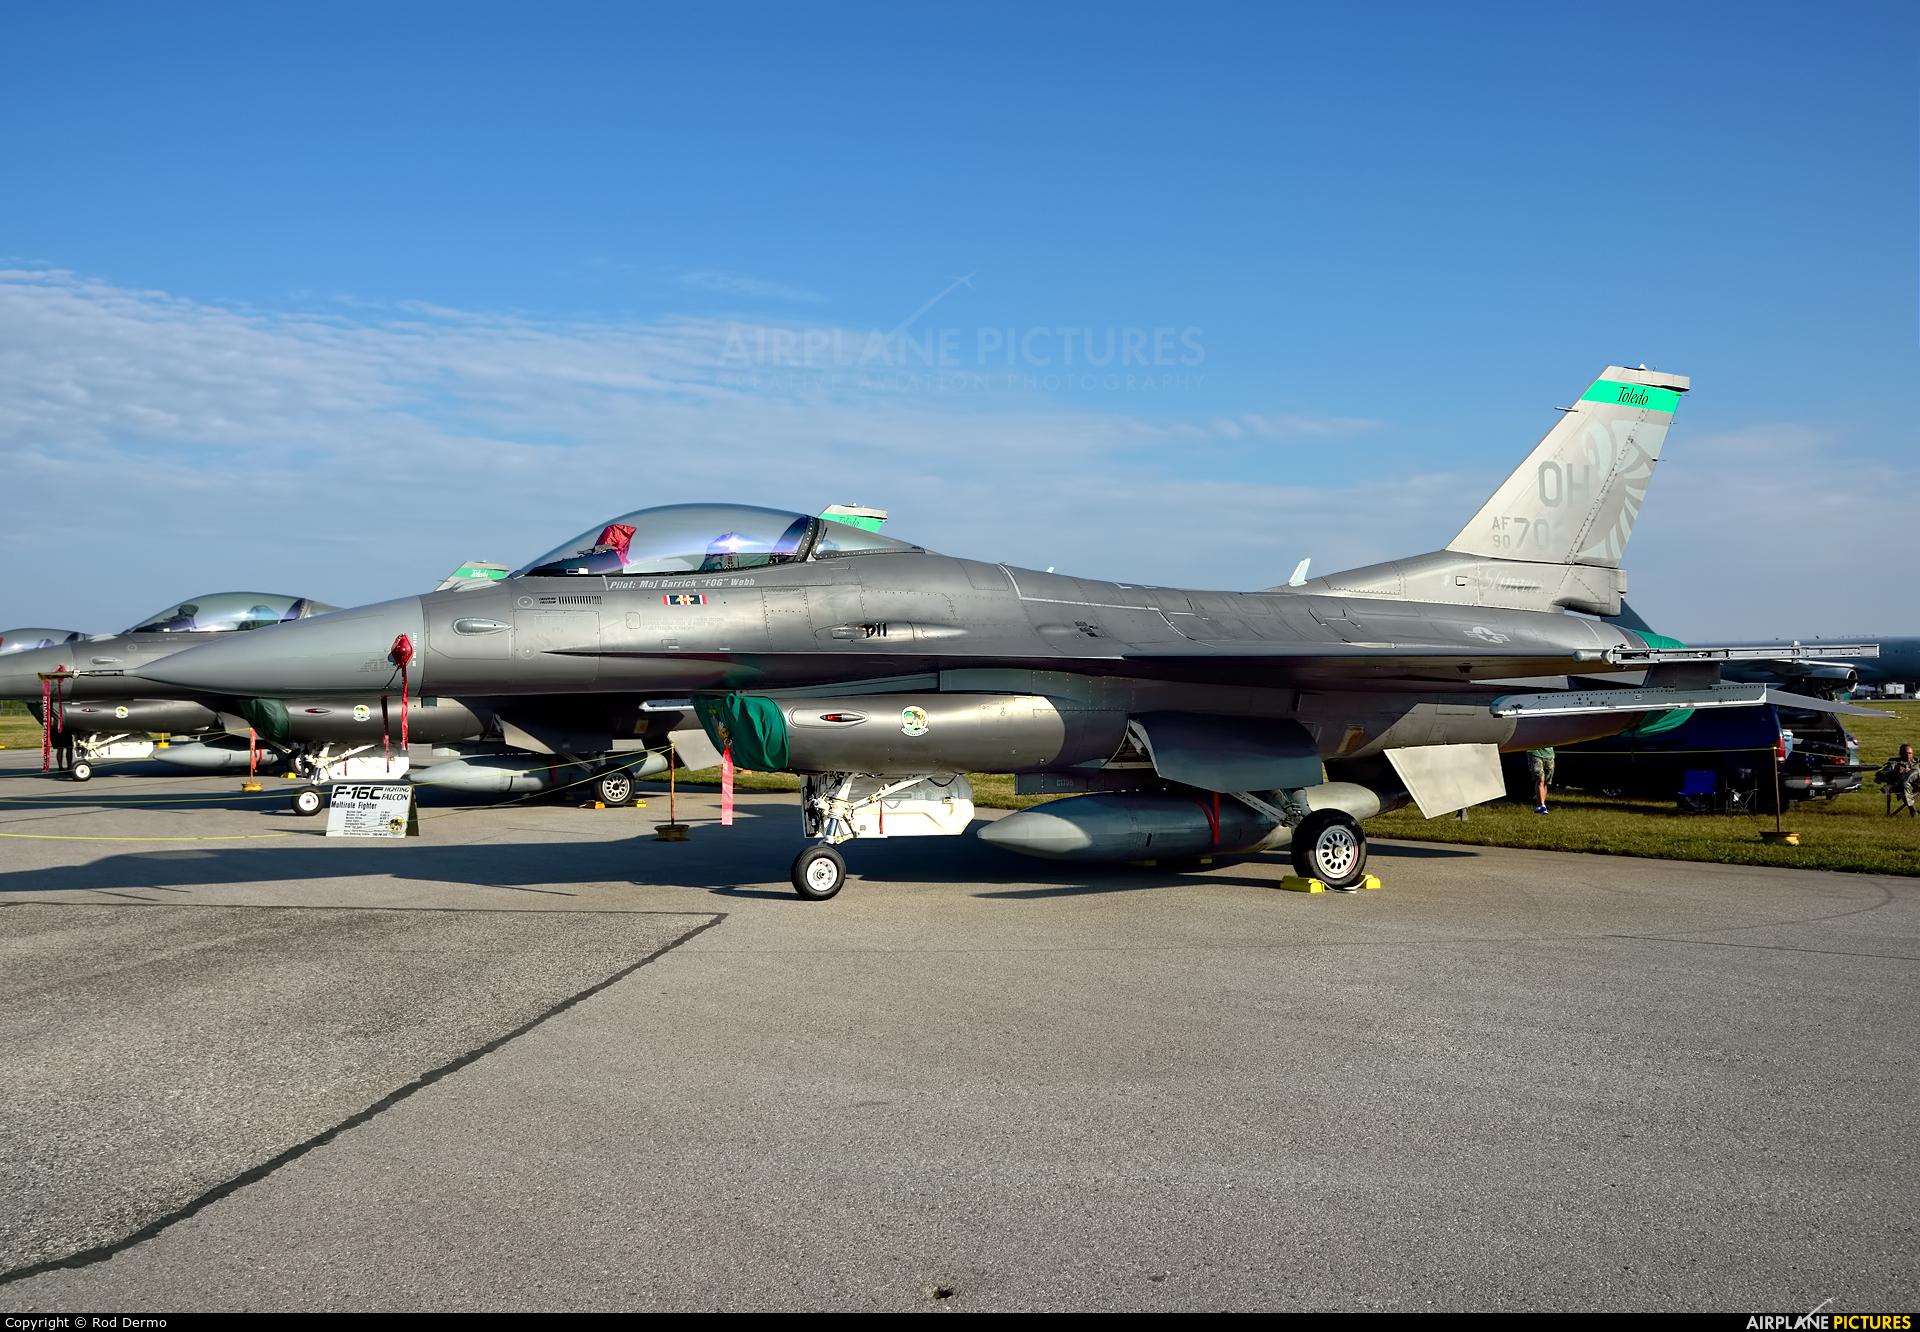 USA - Air Force 90-0702 aircraft at London  Intl, ON